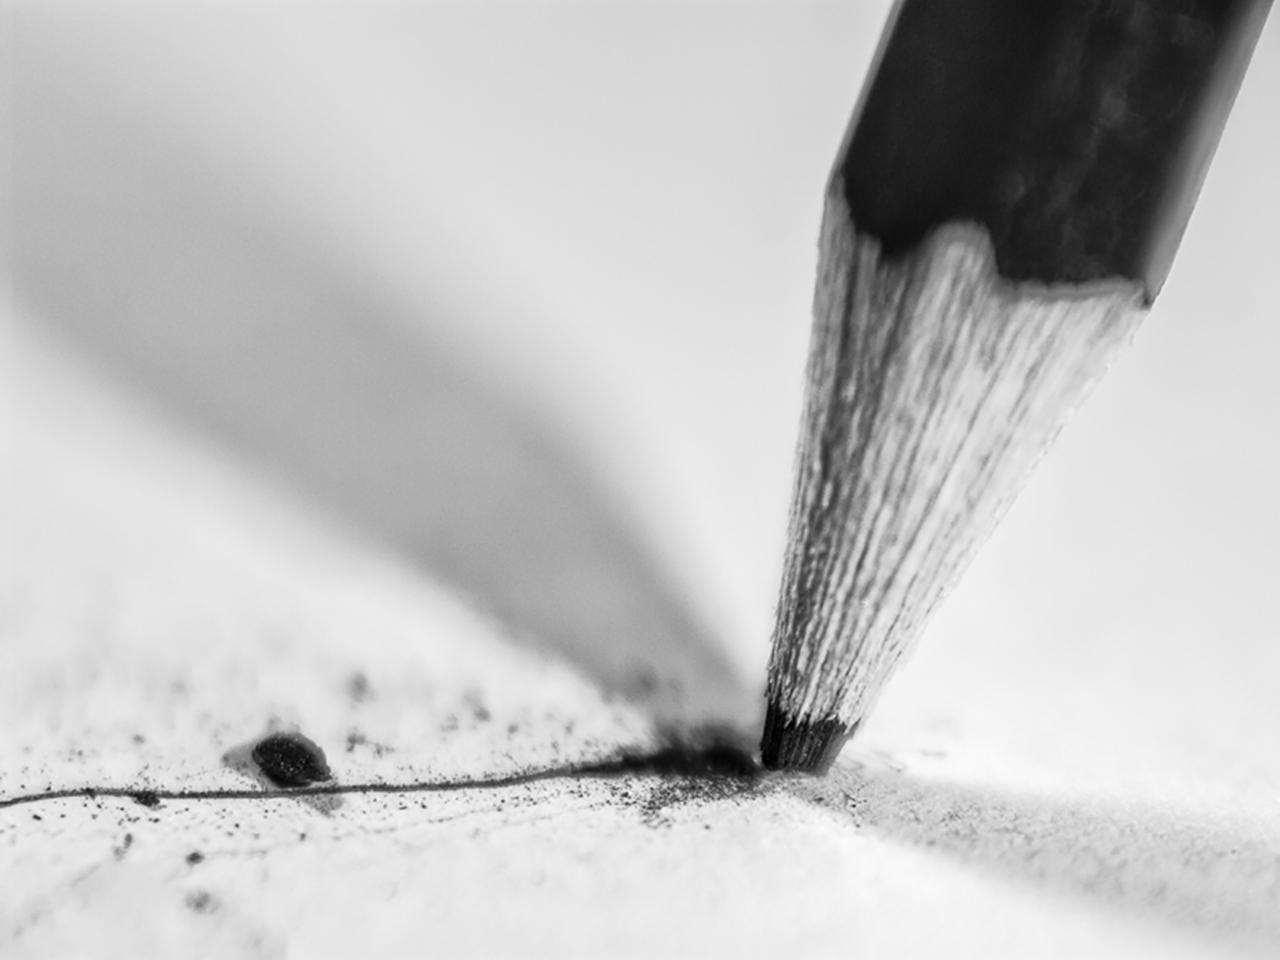 P366/168 - törött ceruzahegy